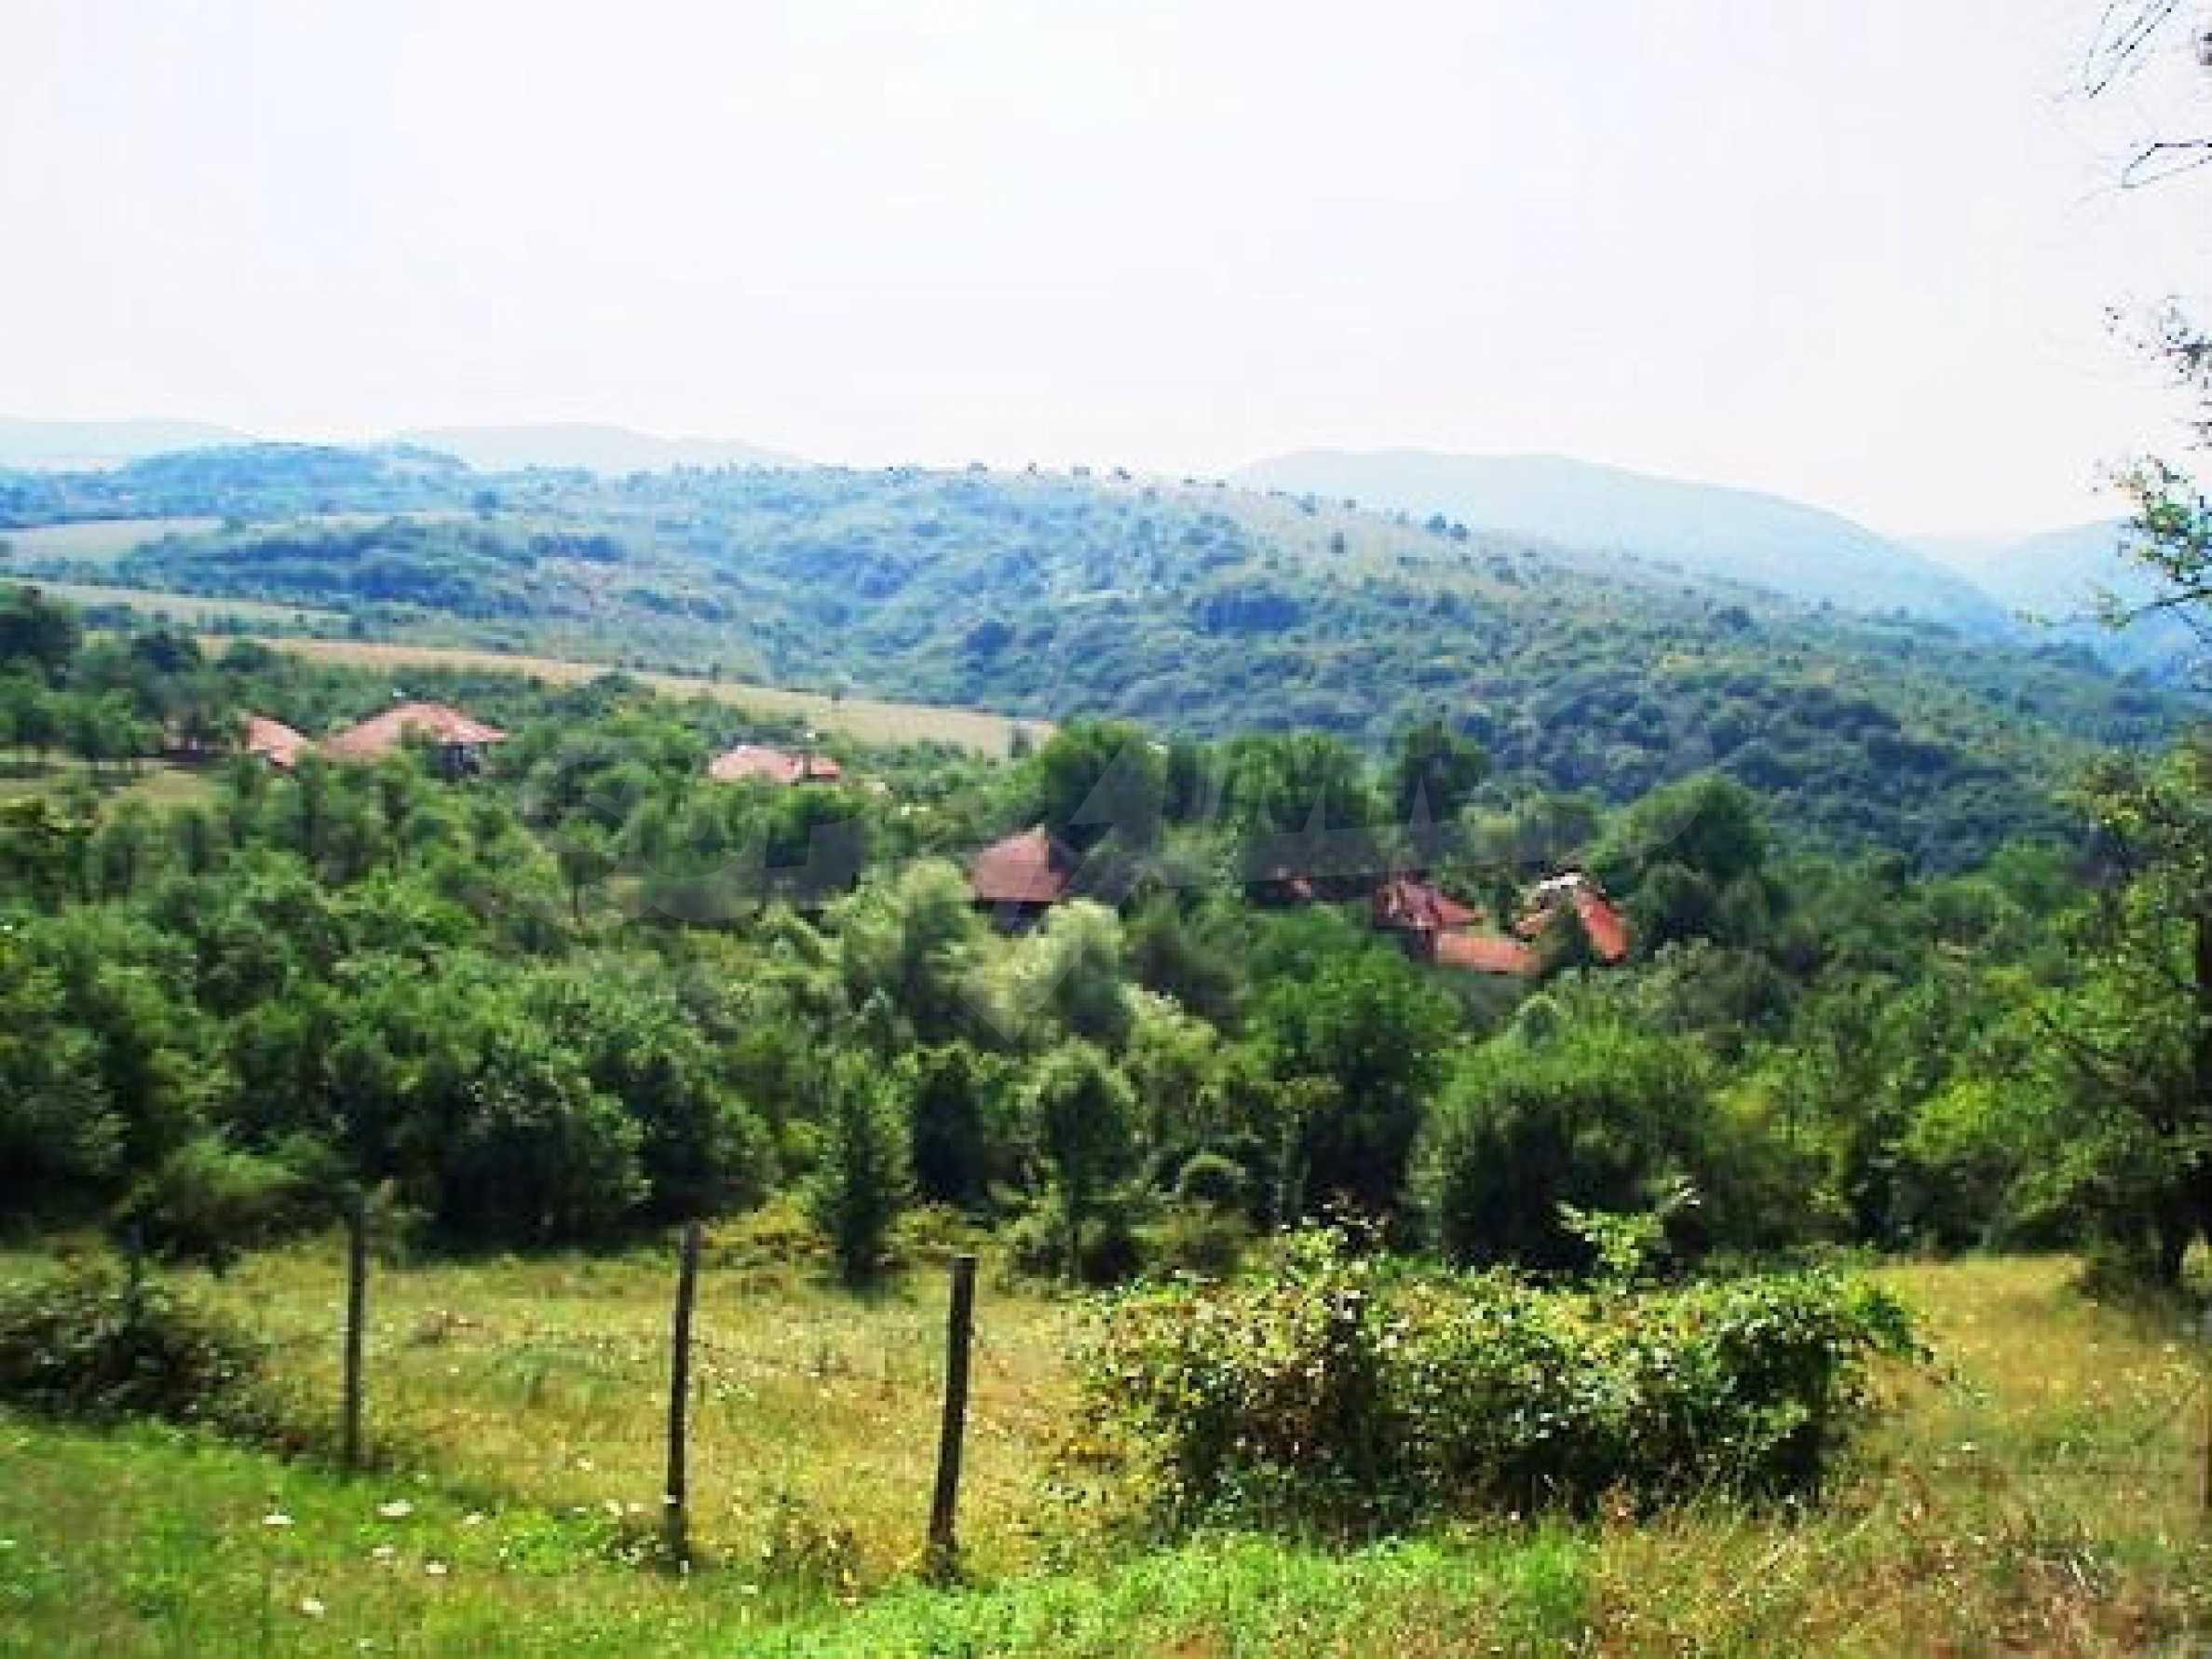 Reguliertes Anwesen in einem Dorf, das mit seinen Mineralquellen beliebt ist 10